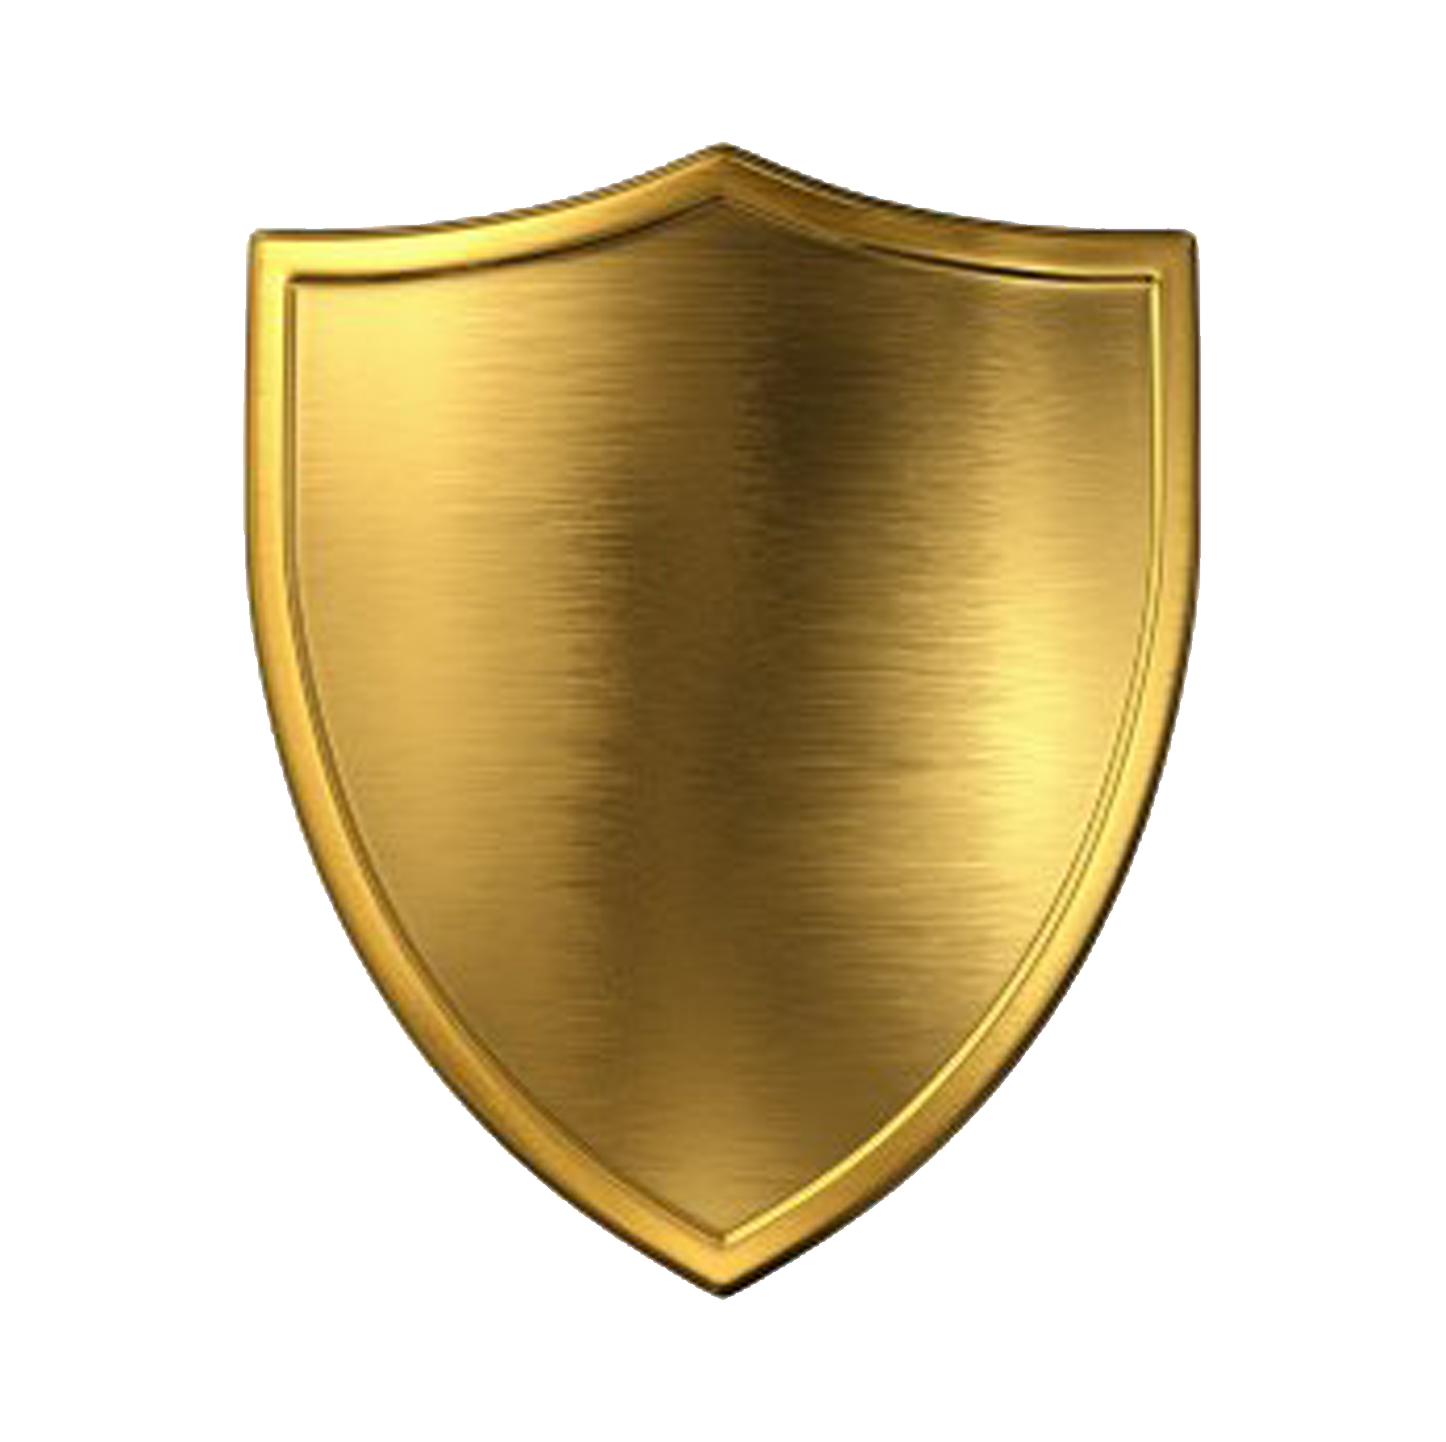 Gold Shield Png Image Shield Design Logo Design Services